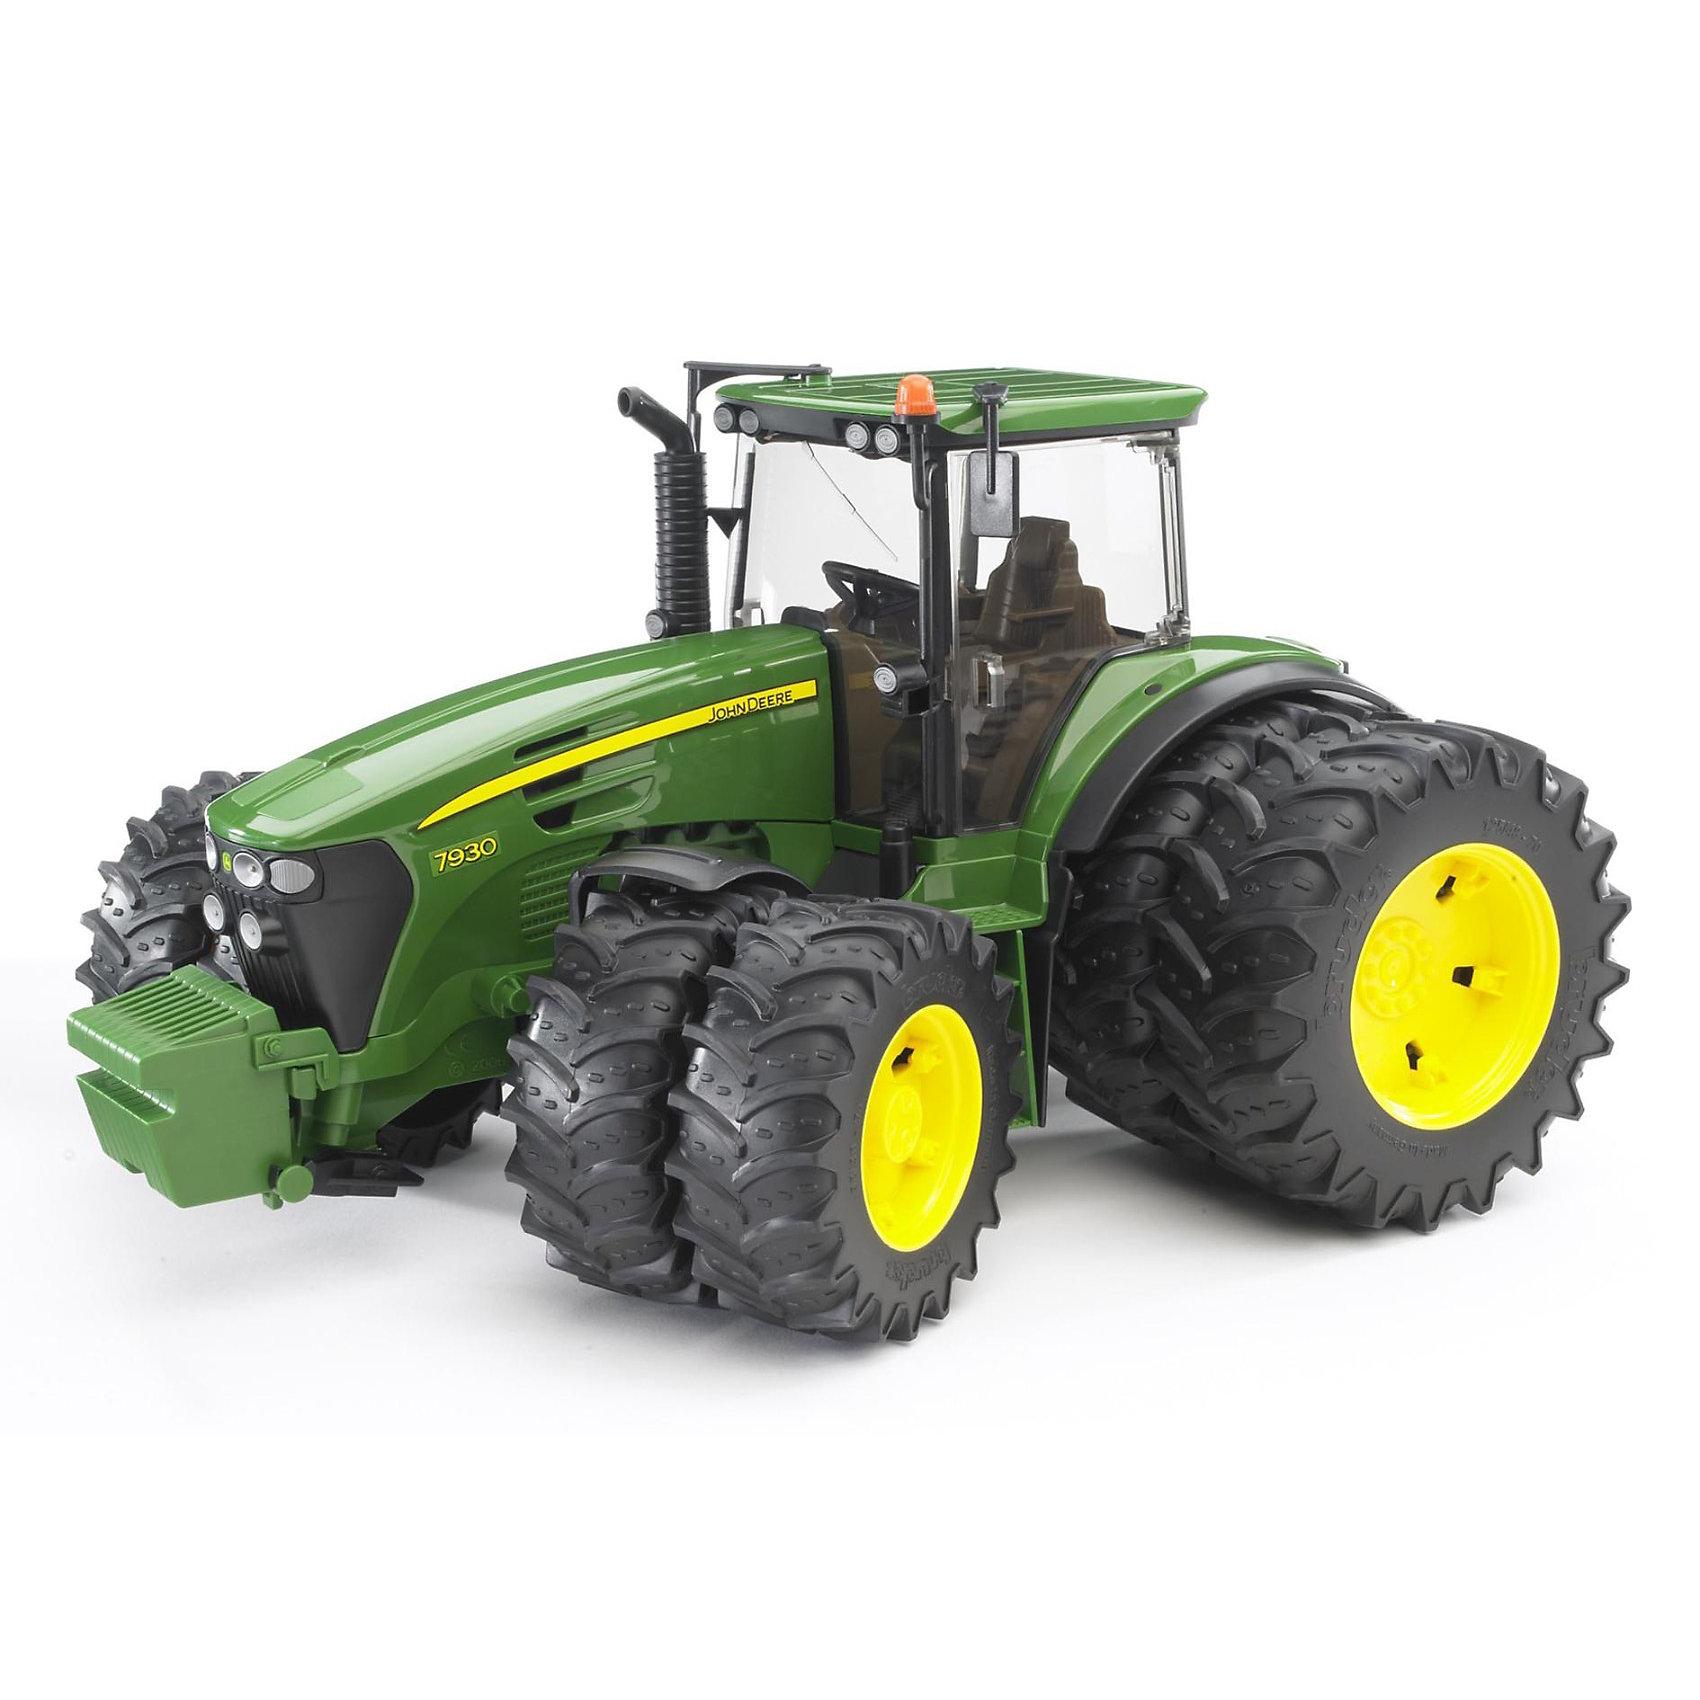 Bruder Трактор John Deere с двойными колёсами, Bruder машины tomy john deere трактор monster treads с большими колесами и вибрацией